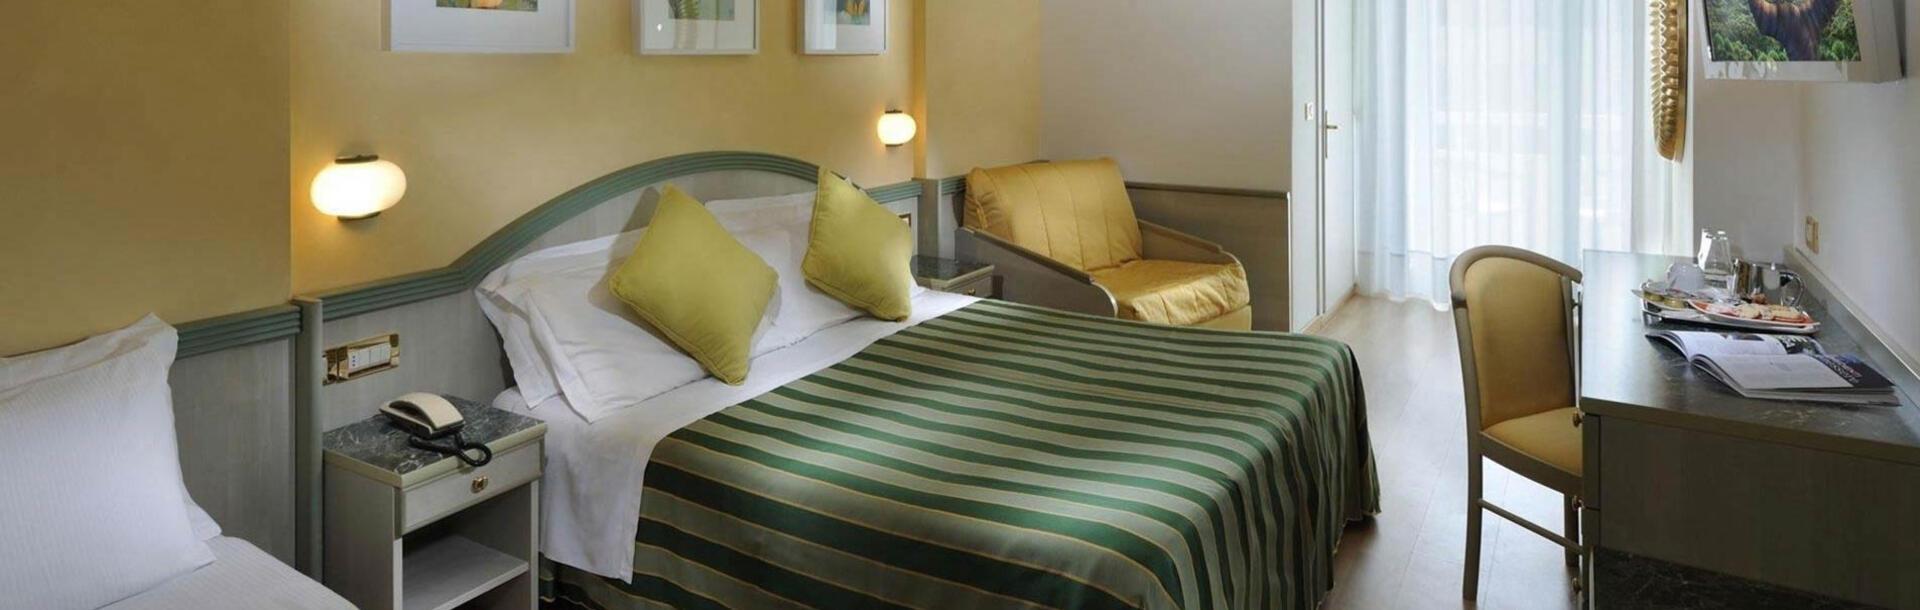 hotel-montecarlo en ruby-room 013